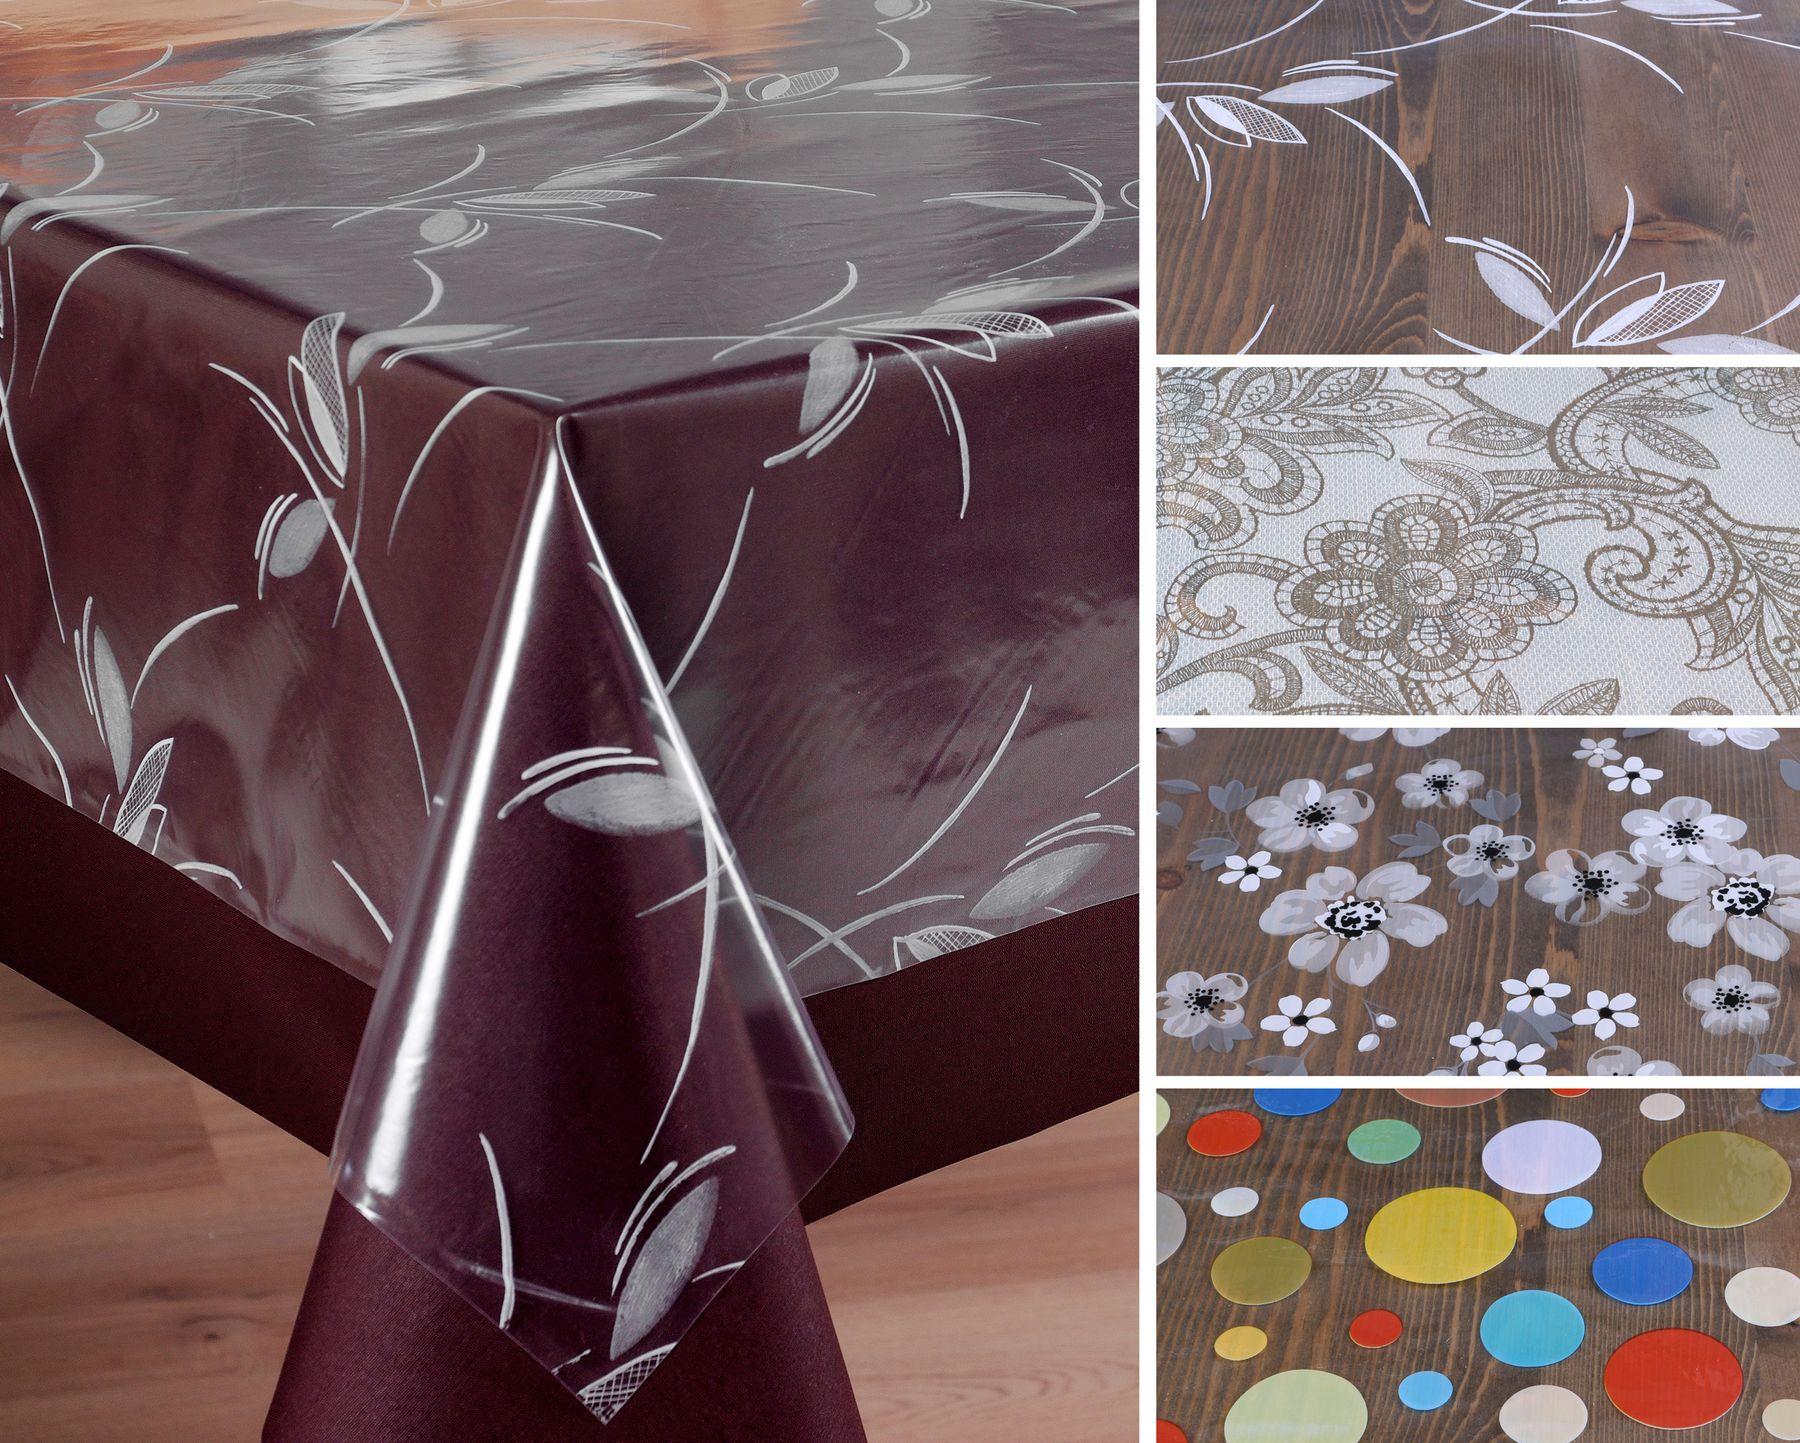 Tischfolie Tischdecke Schutzfolie Mit Muster 15